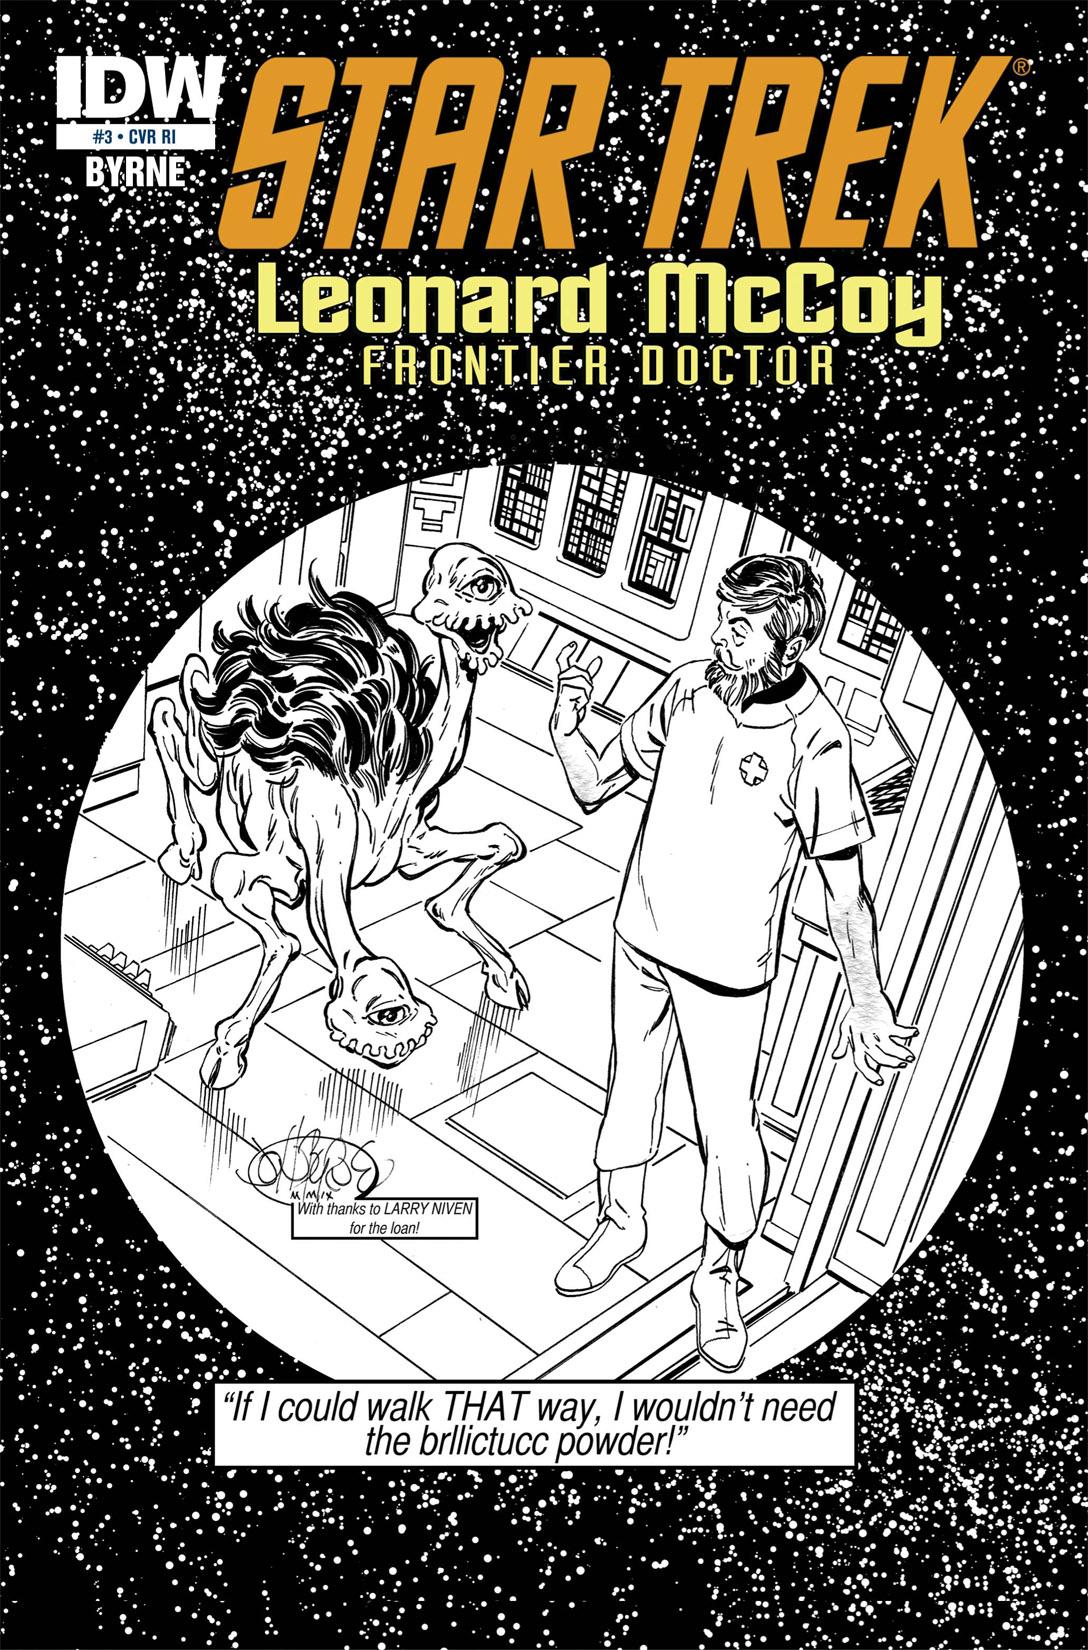 Read online Star Trek: Leonard McCoy, Frontier Doctor comic -  Issue #3 - 3